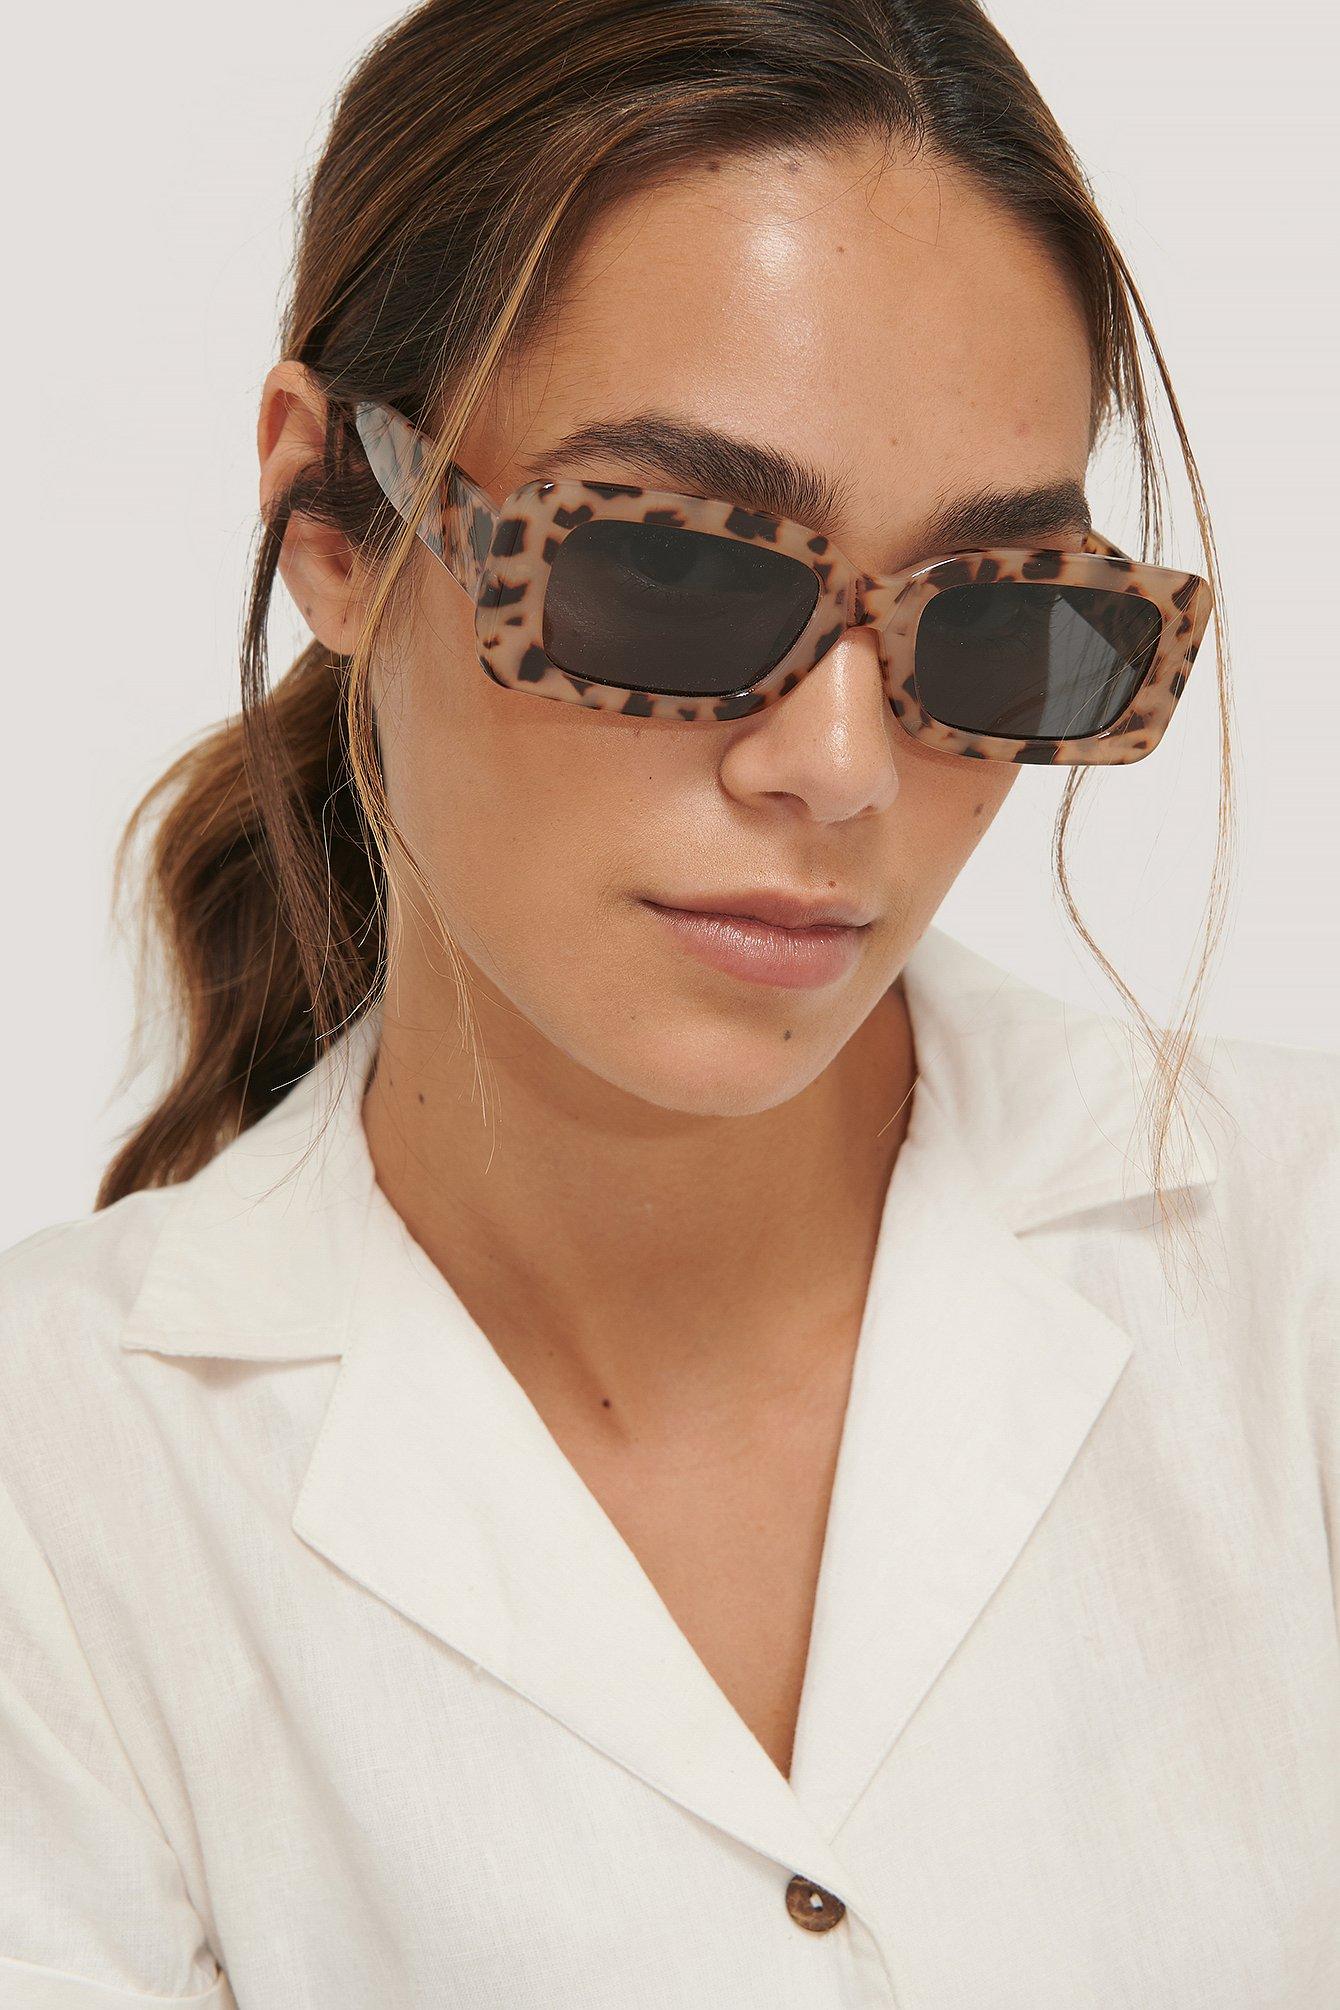 NA-KD Accessories Sonnenbrille Mit Breitem Rahmen - Brown   Accessoires > Sonnenbrillen > Sonstige Sonnenbrillen   NA-KD Accessories